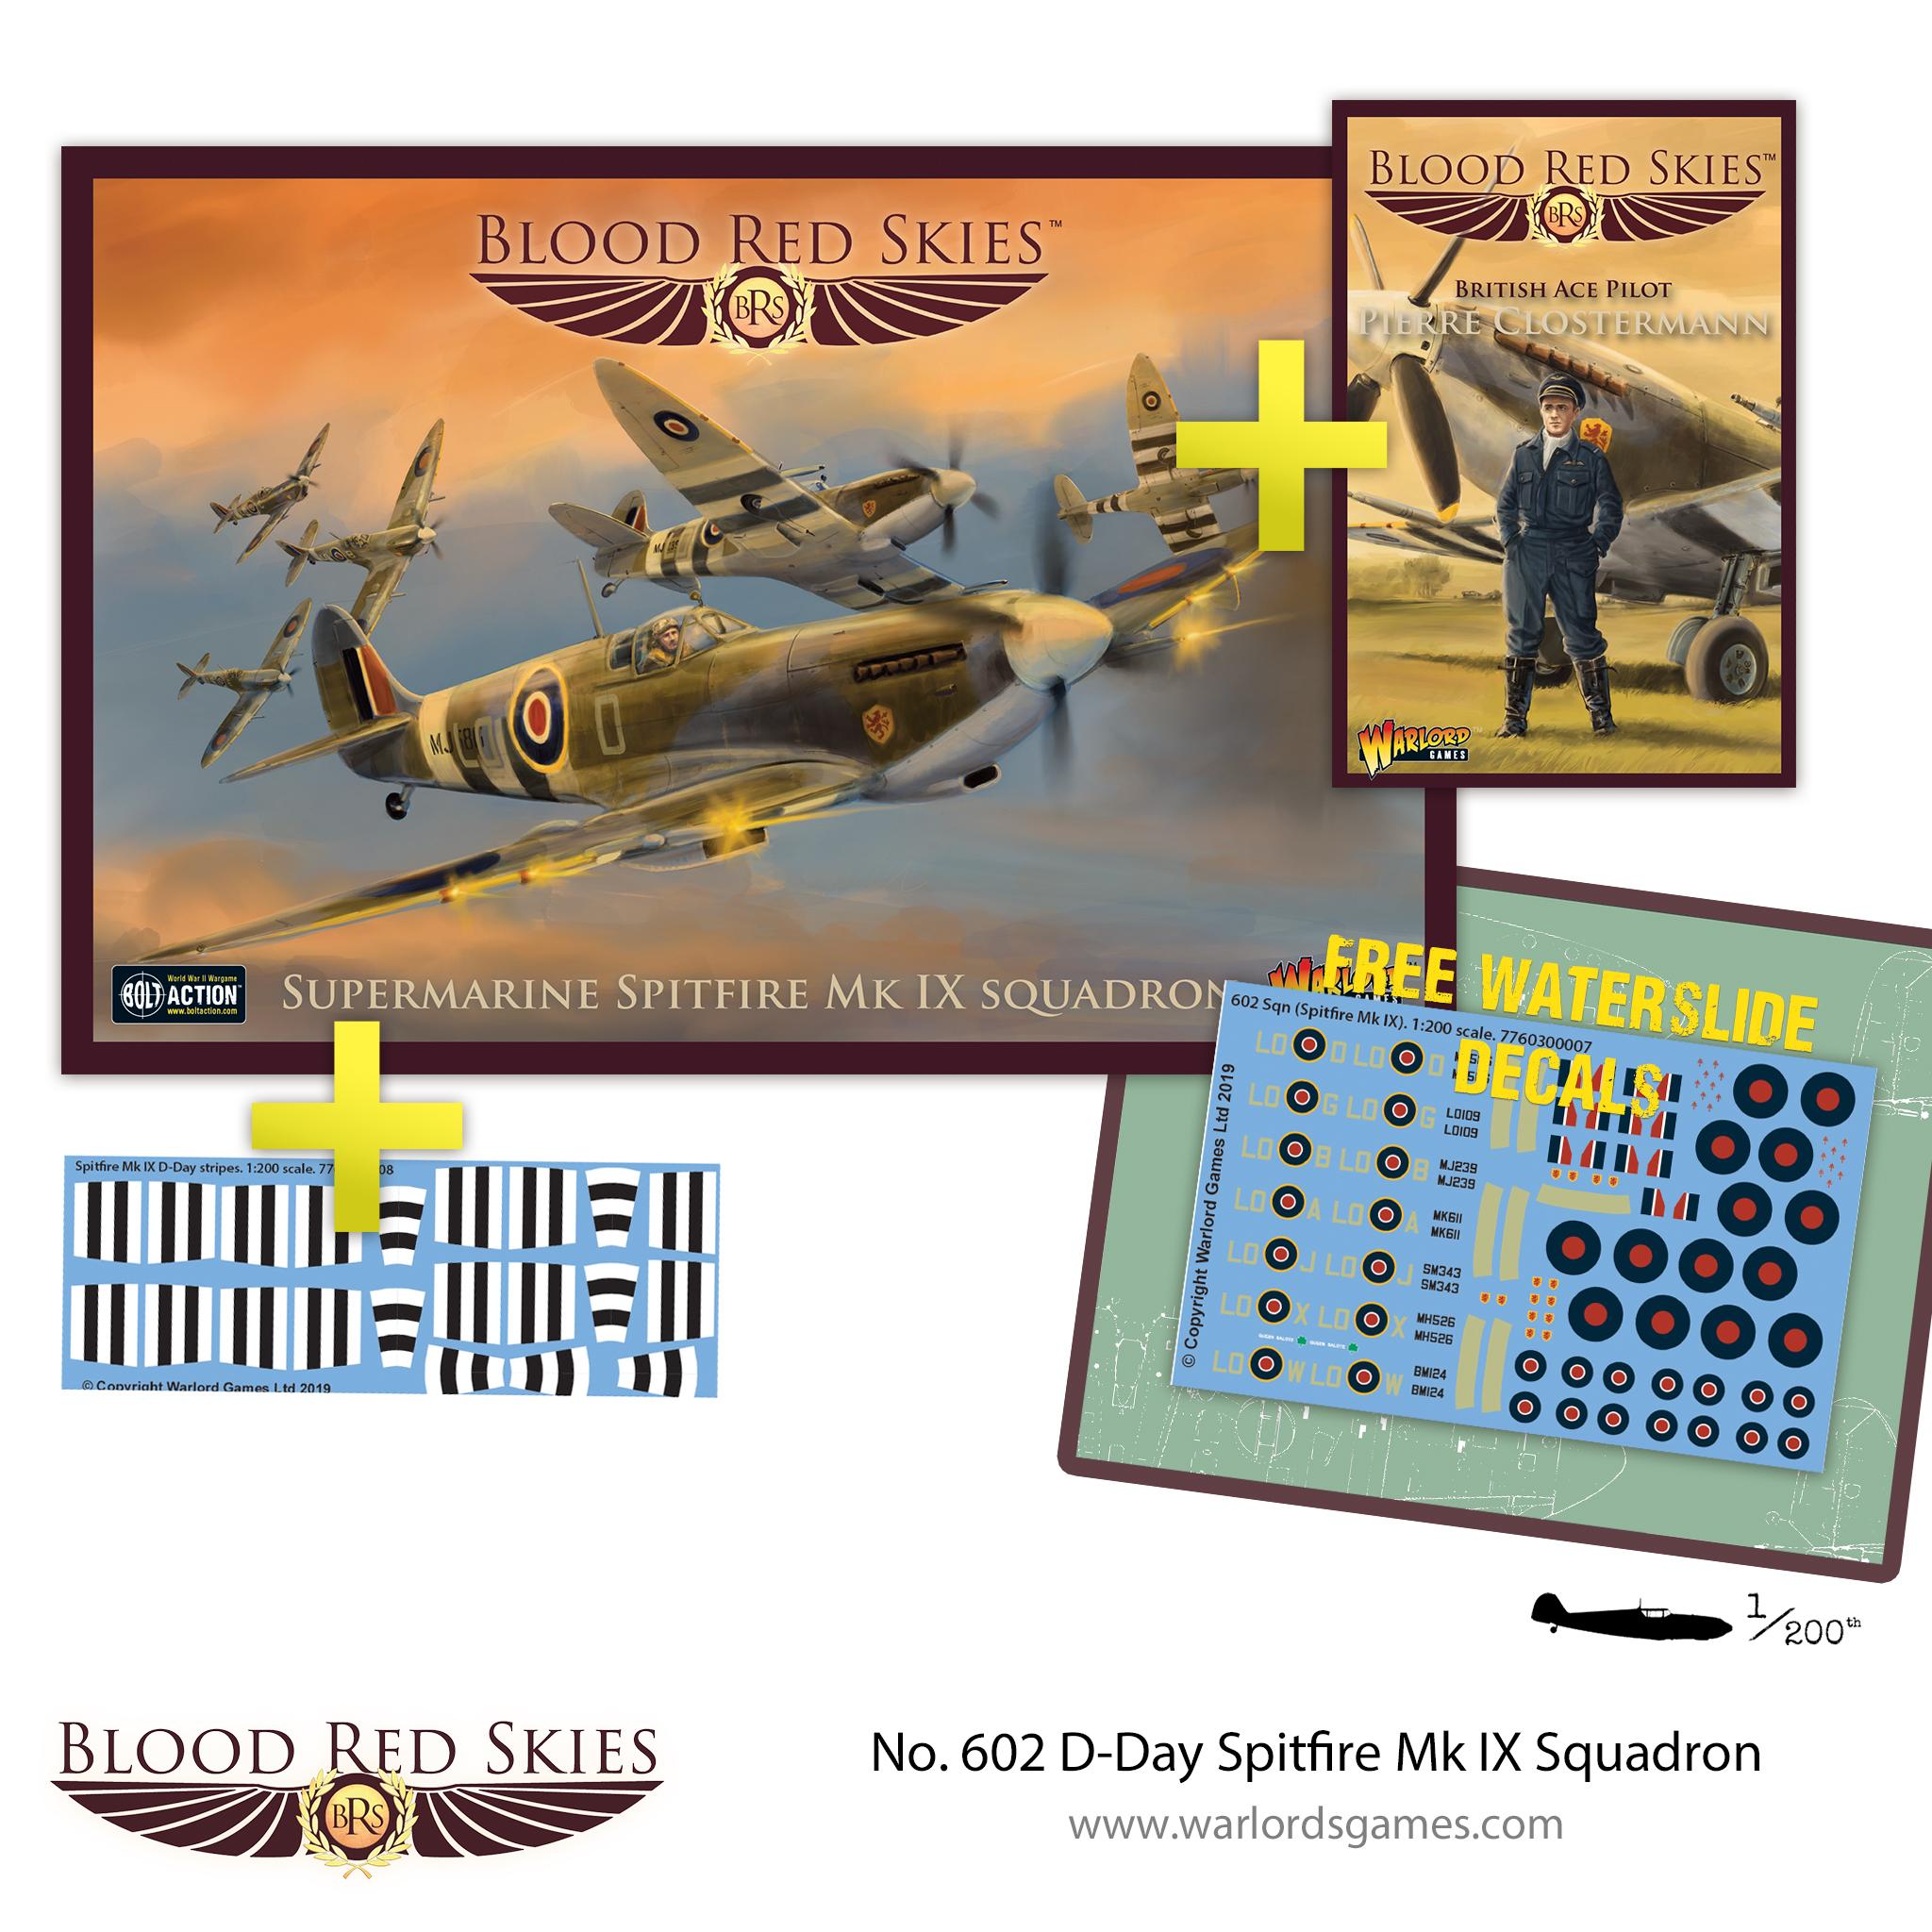 [Image: 779911009-No.-602-D-Day-Spitfire-Mk-IX-S...-order.jpg]